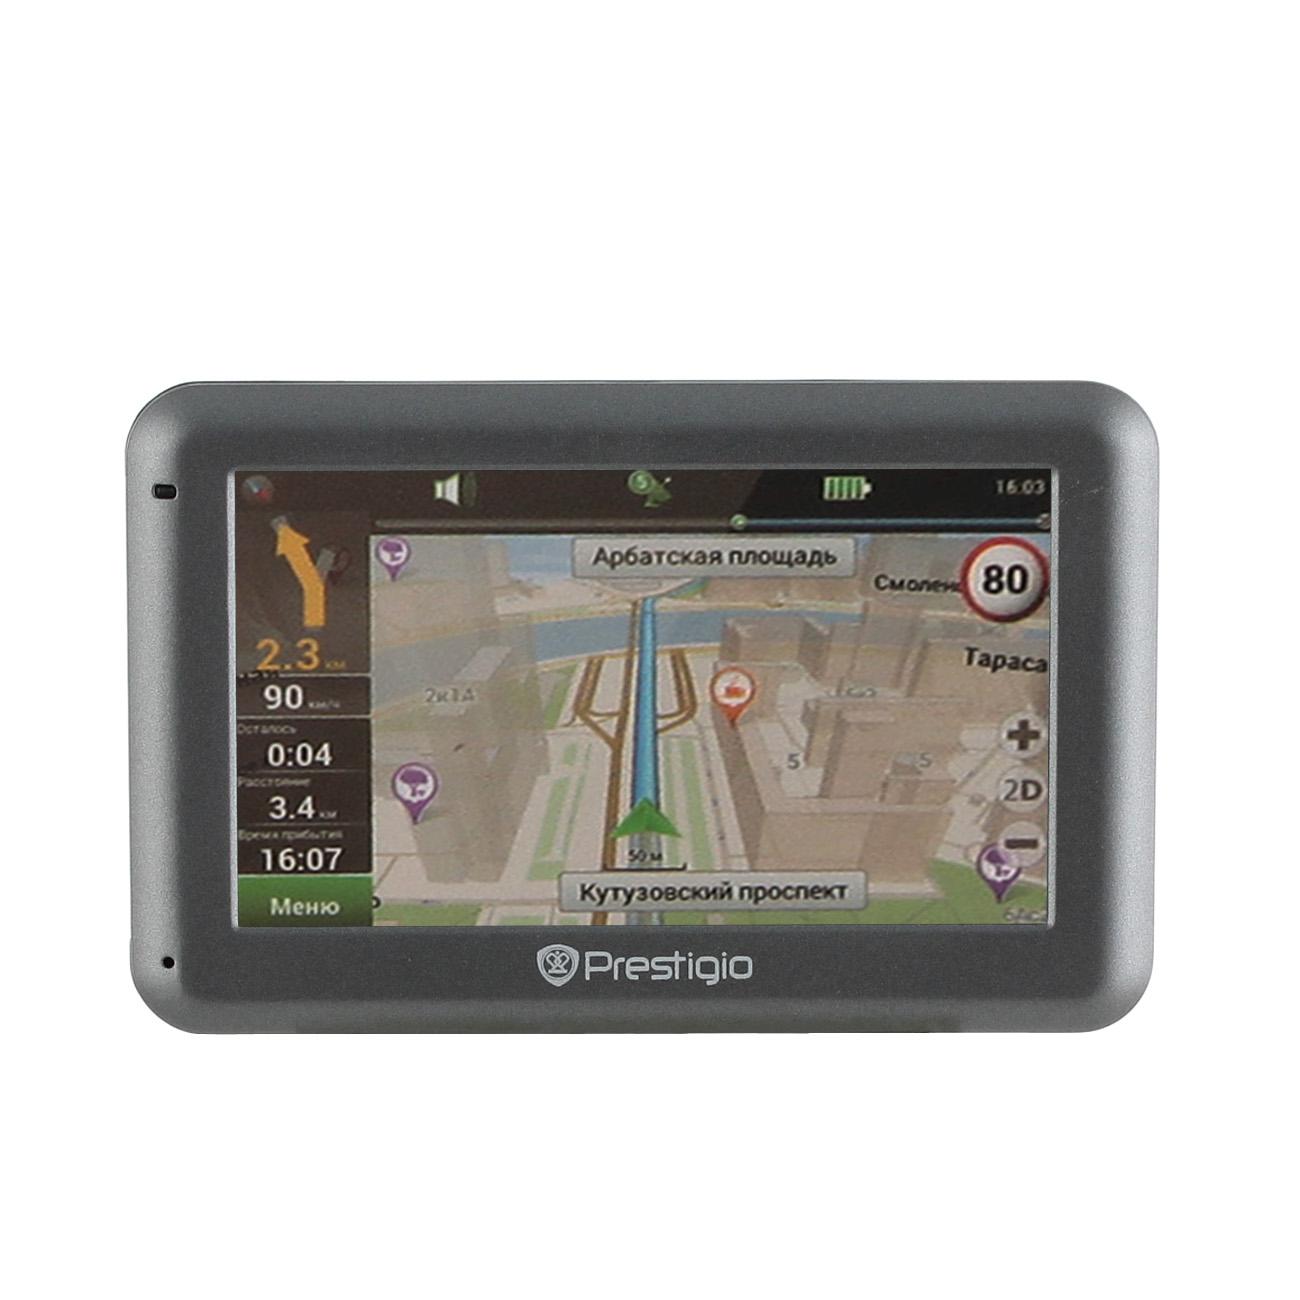 инструкция к навигатору prestigio geovision 4055